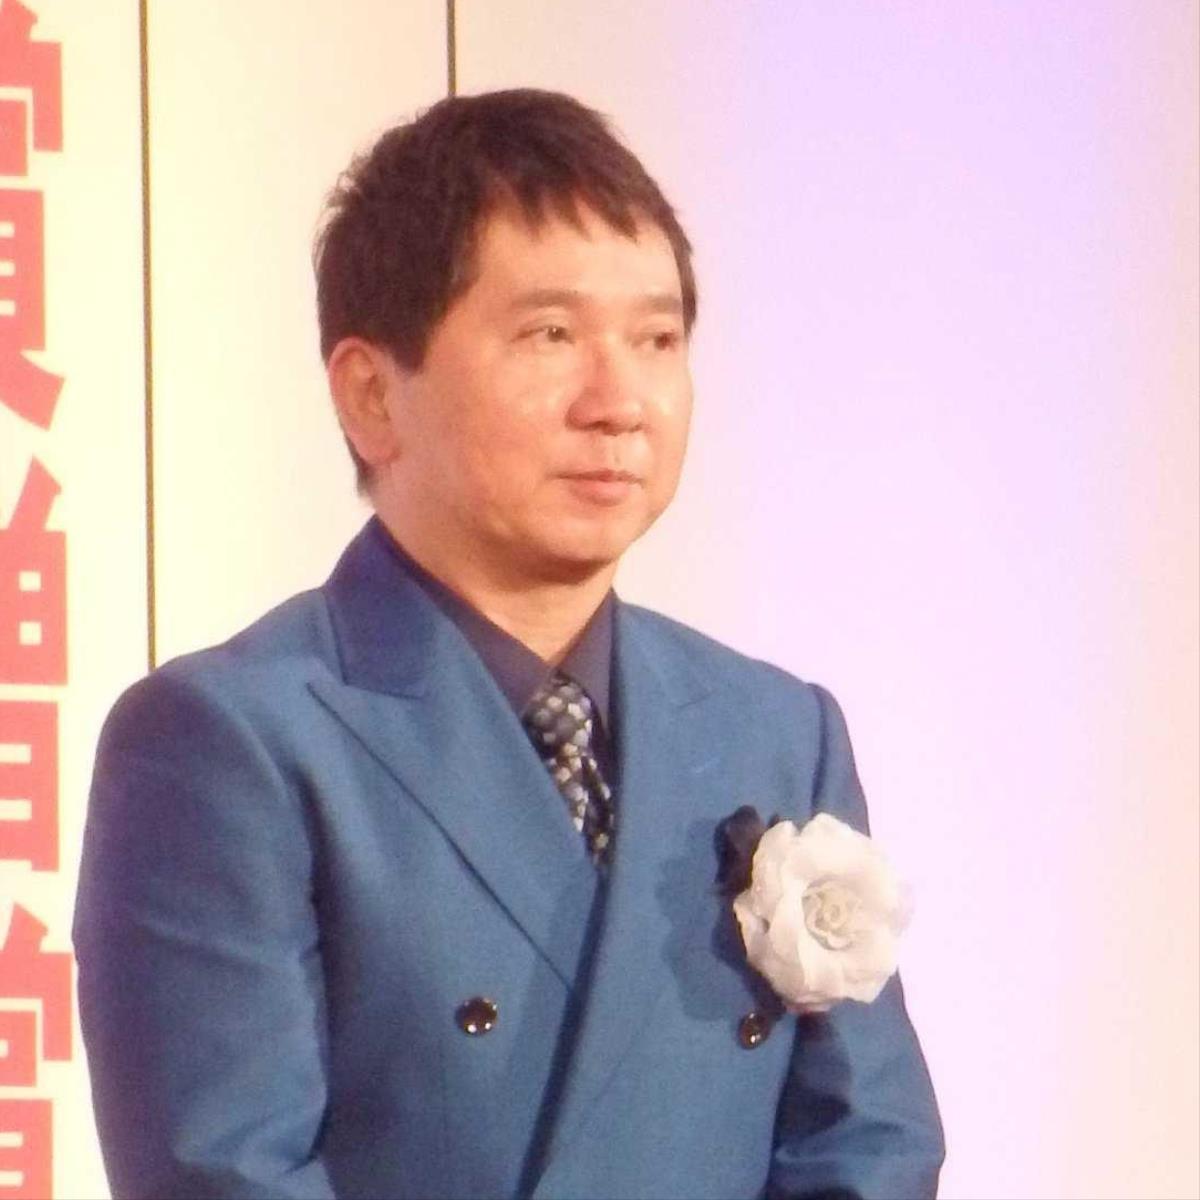 爆問・田中裕二、搬送された病院での処置により大事に至らず、手術の必要性もなし 太田光代社長「大したことはありません」